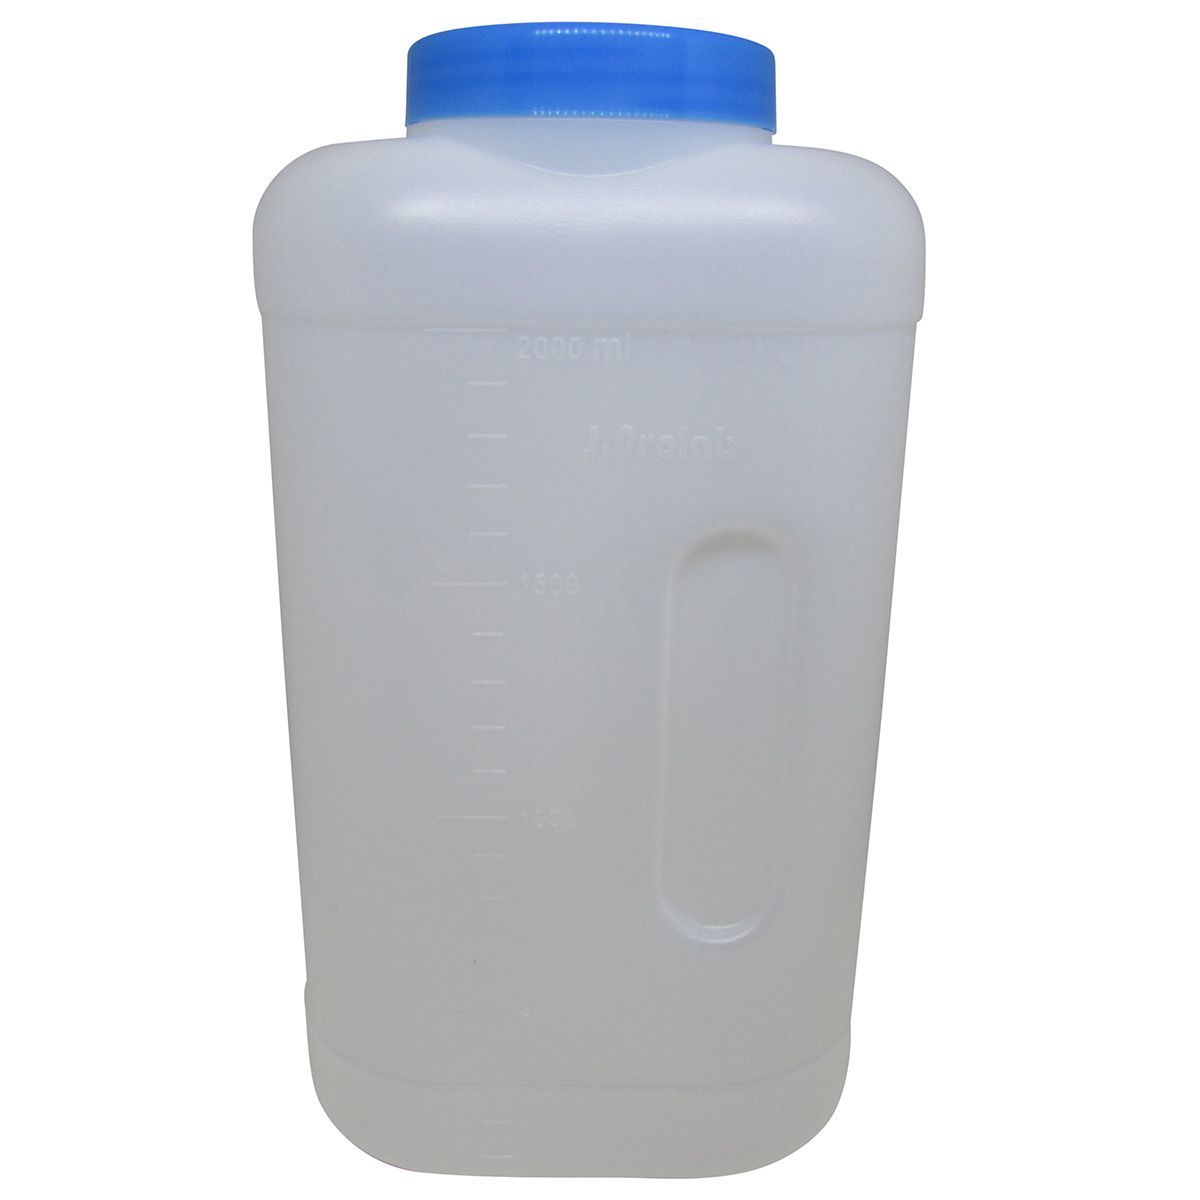 Coletor de Urina 24 Horas 2000ml JProlab